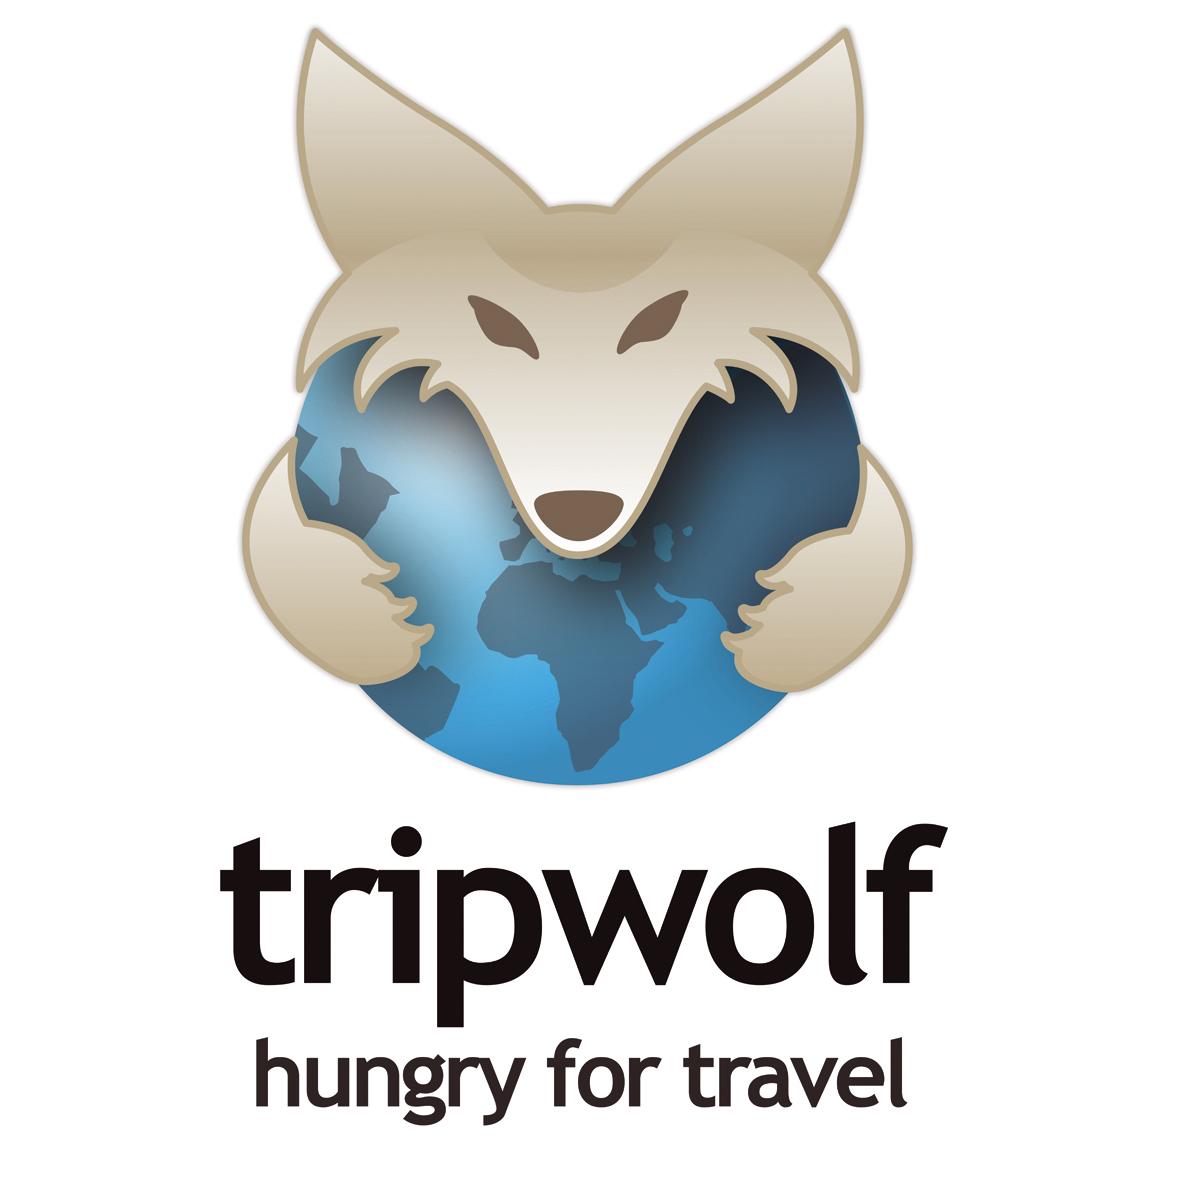 Guide de voyage tripwolf gratuit (au lieu de 6,99€)